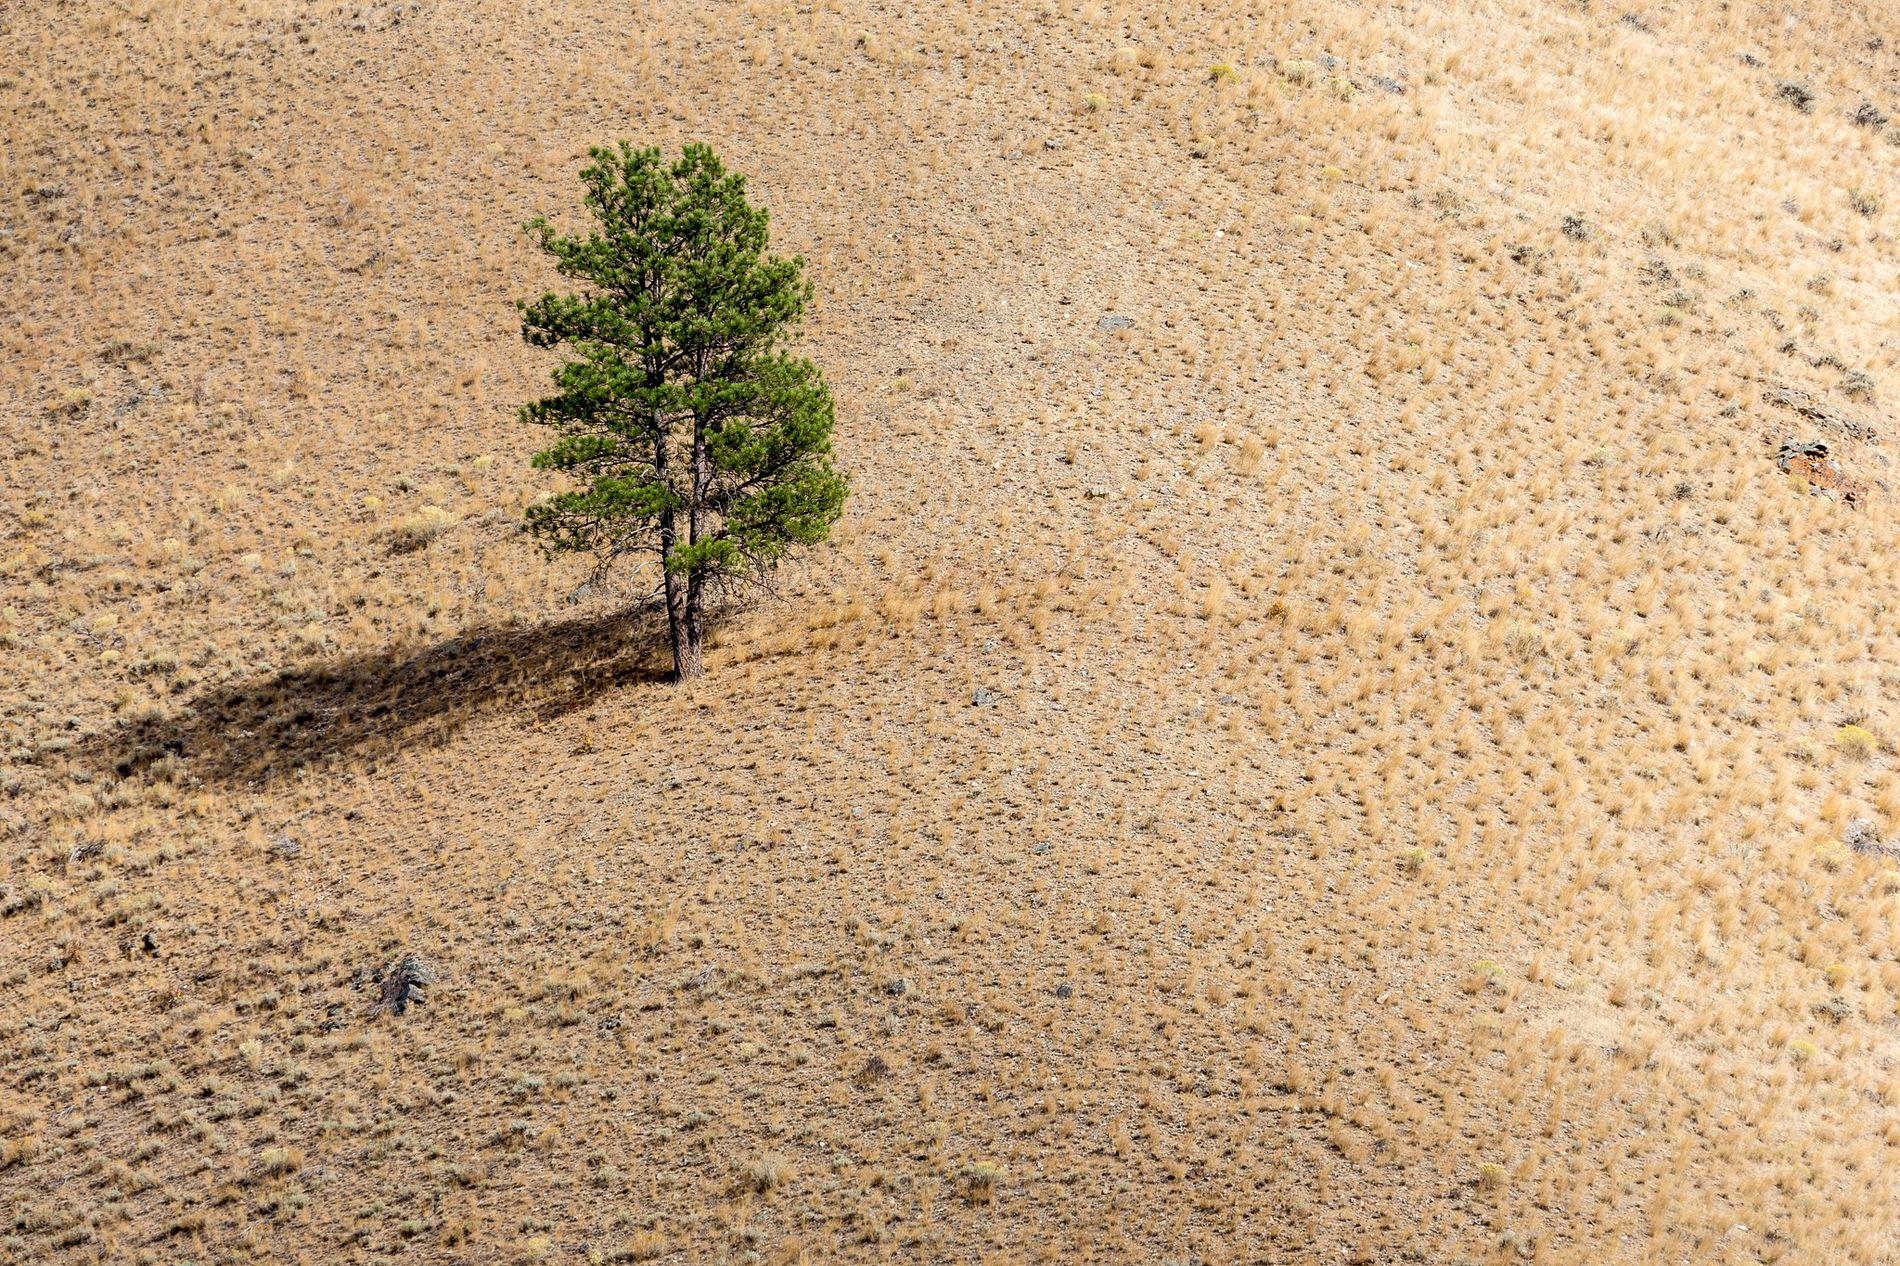 Árbol solitario en una colina, al caer la tarde.